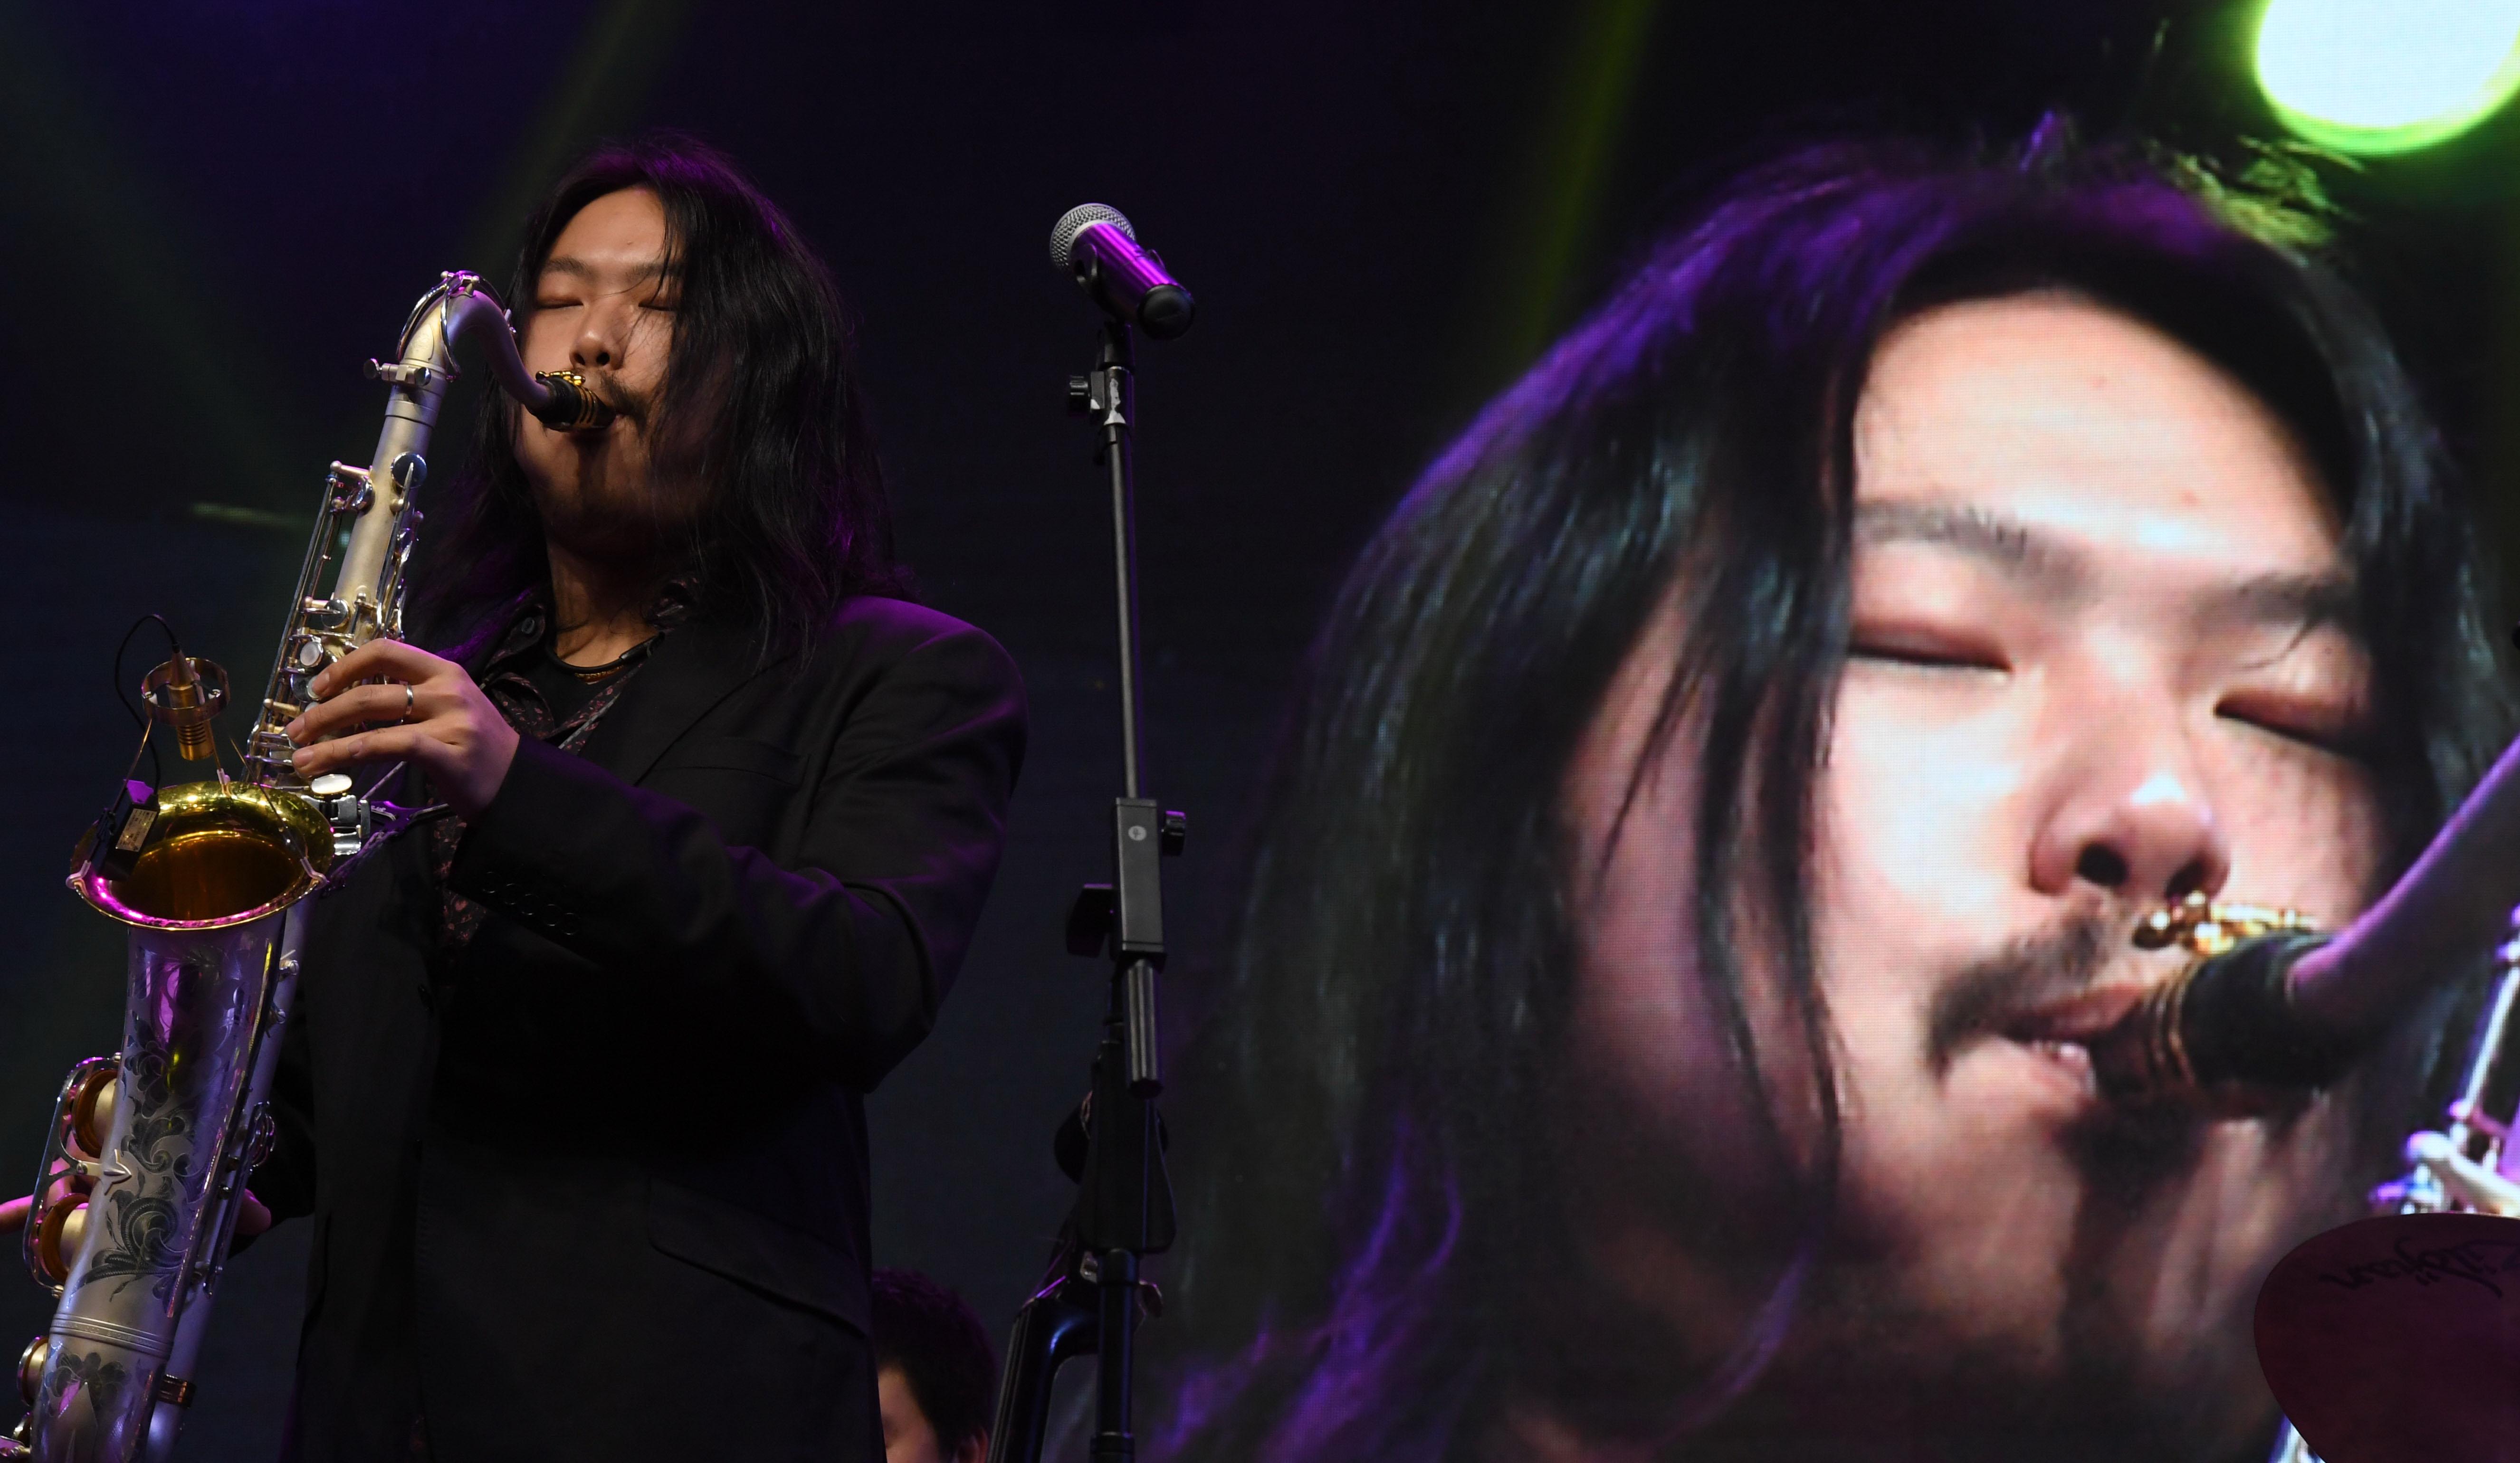 李高阳在表演中。新华社记者 蔺以光 摄